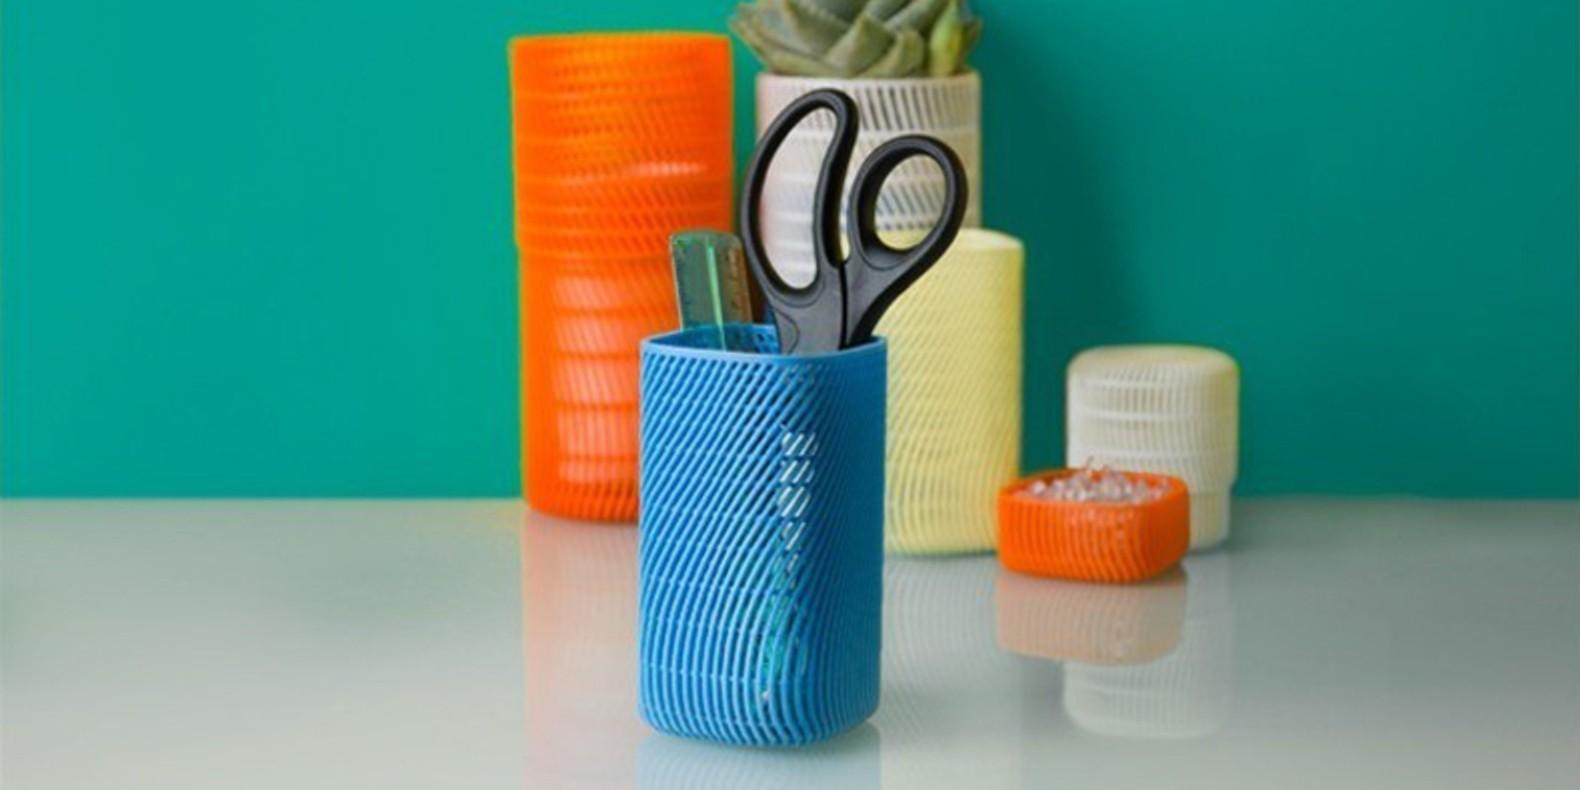 Retrouvez ici une sélection pour la rentrée des meilleurs modèles 3D réalisables avec une imprimante 3D.